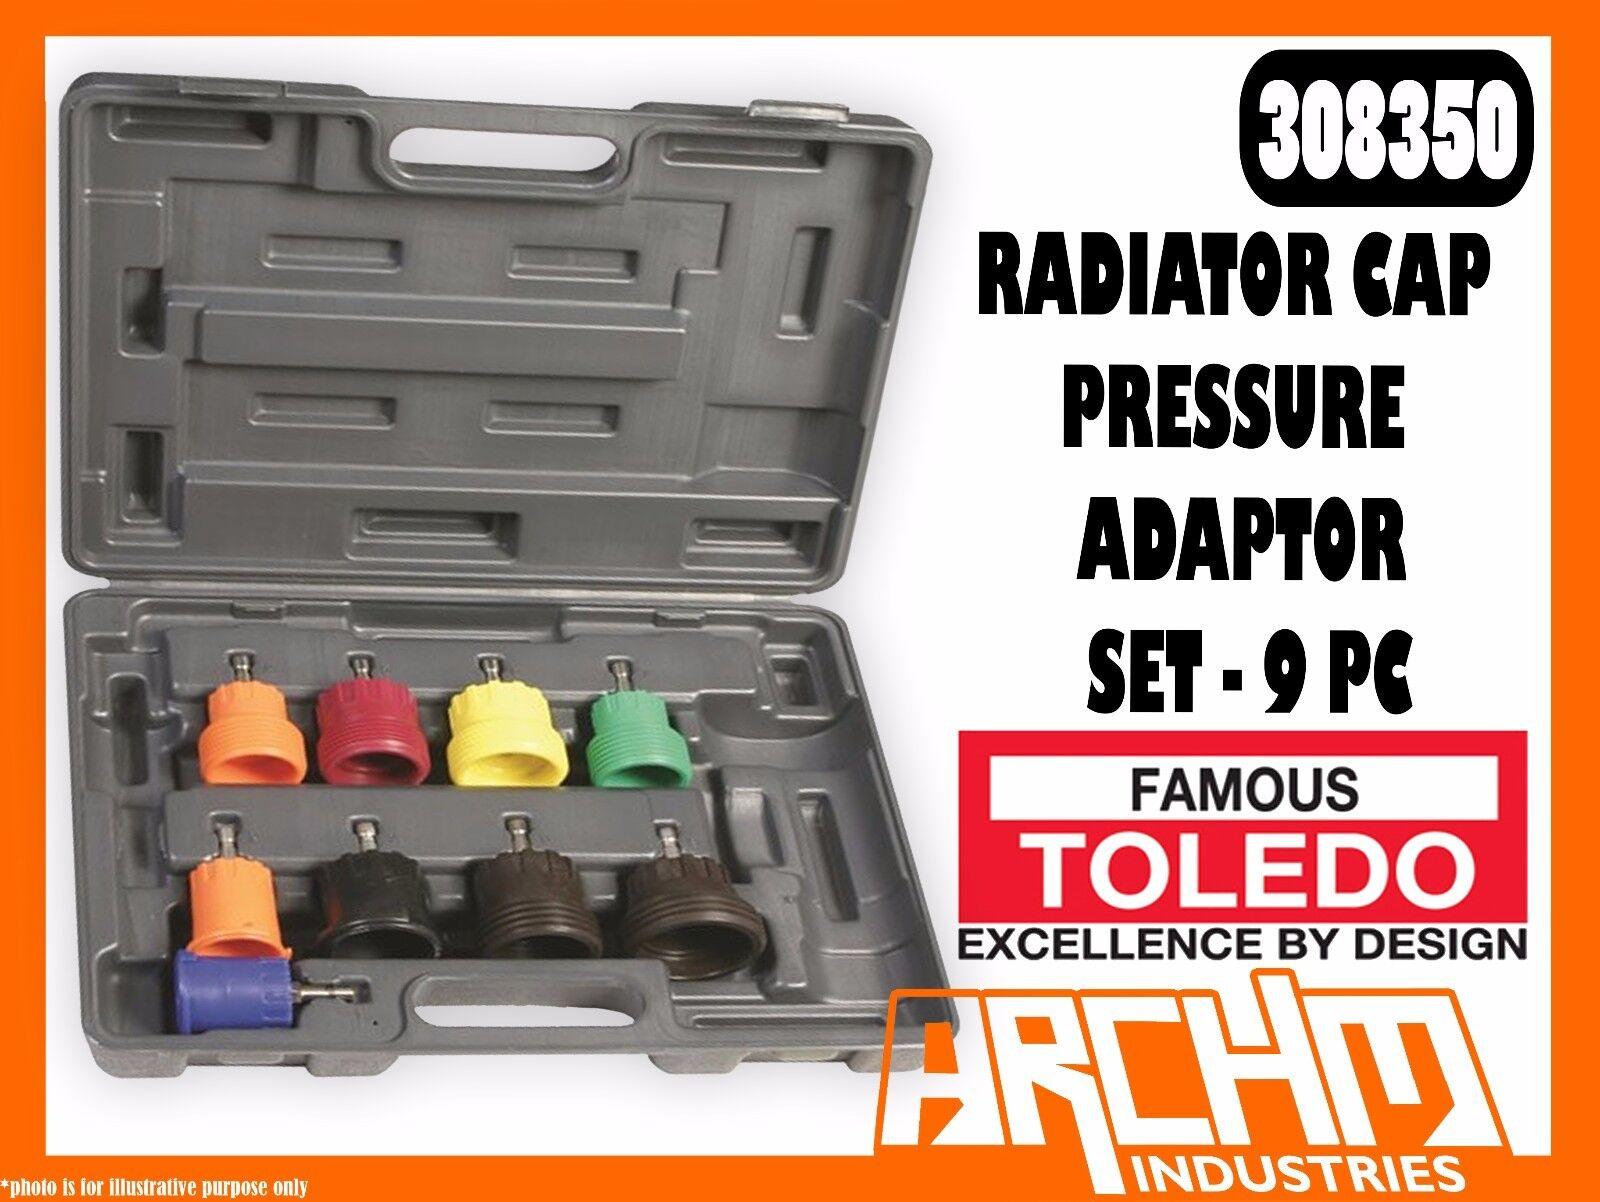 TOLEDO 308350 - RADIATOR CAP PRESSURE ADAPTOR SET - 9 PC - METAL PLASTIC